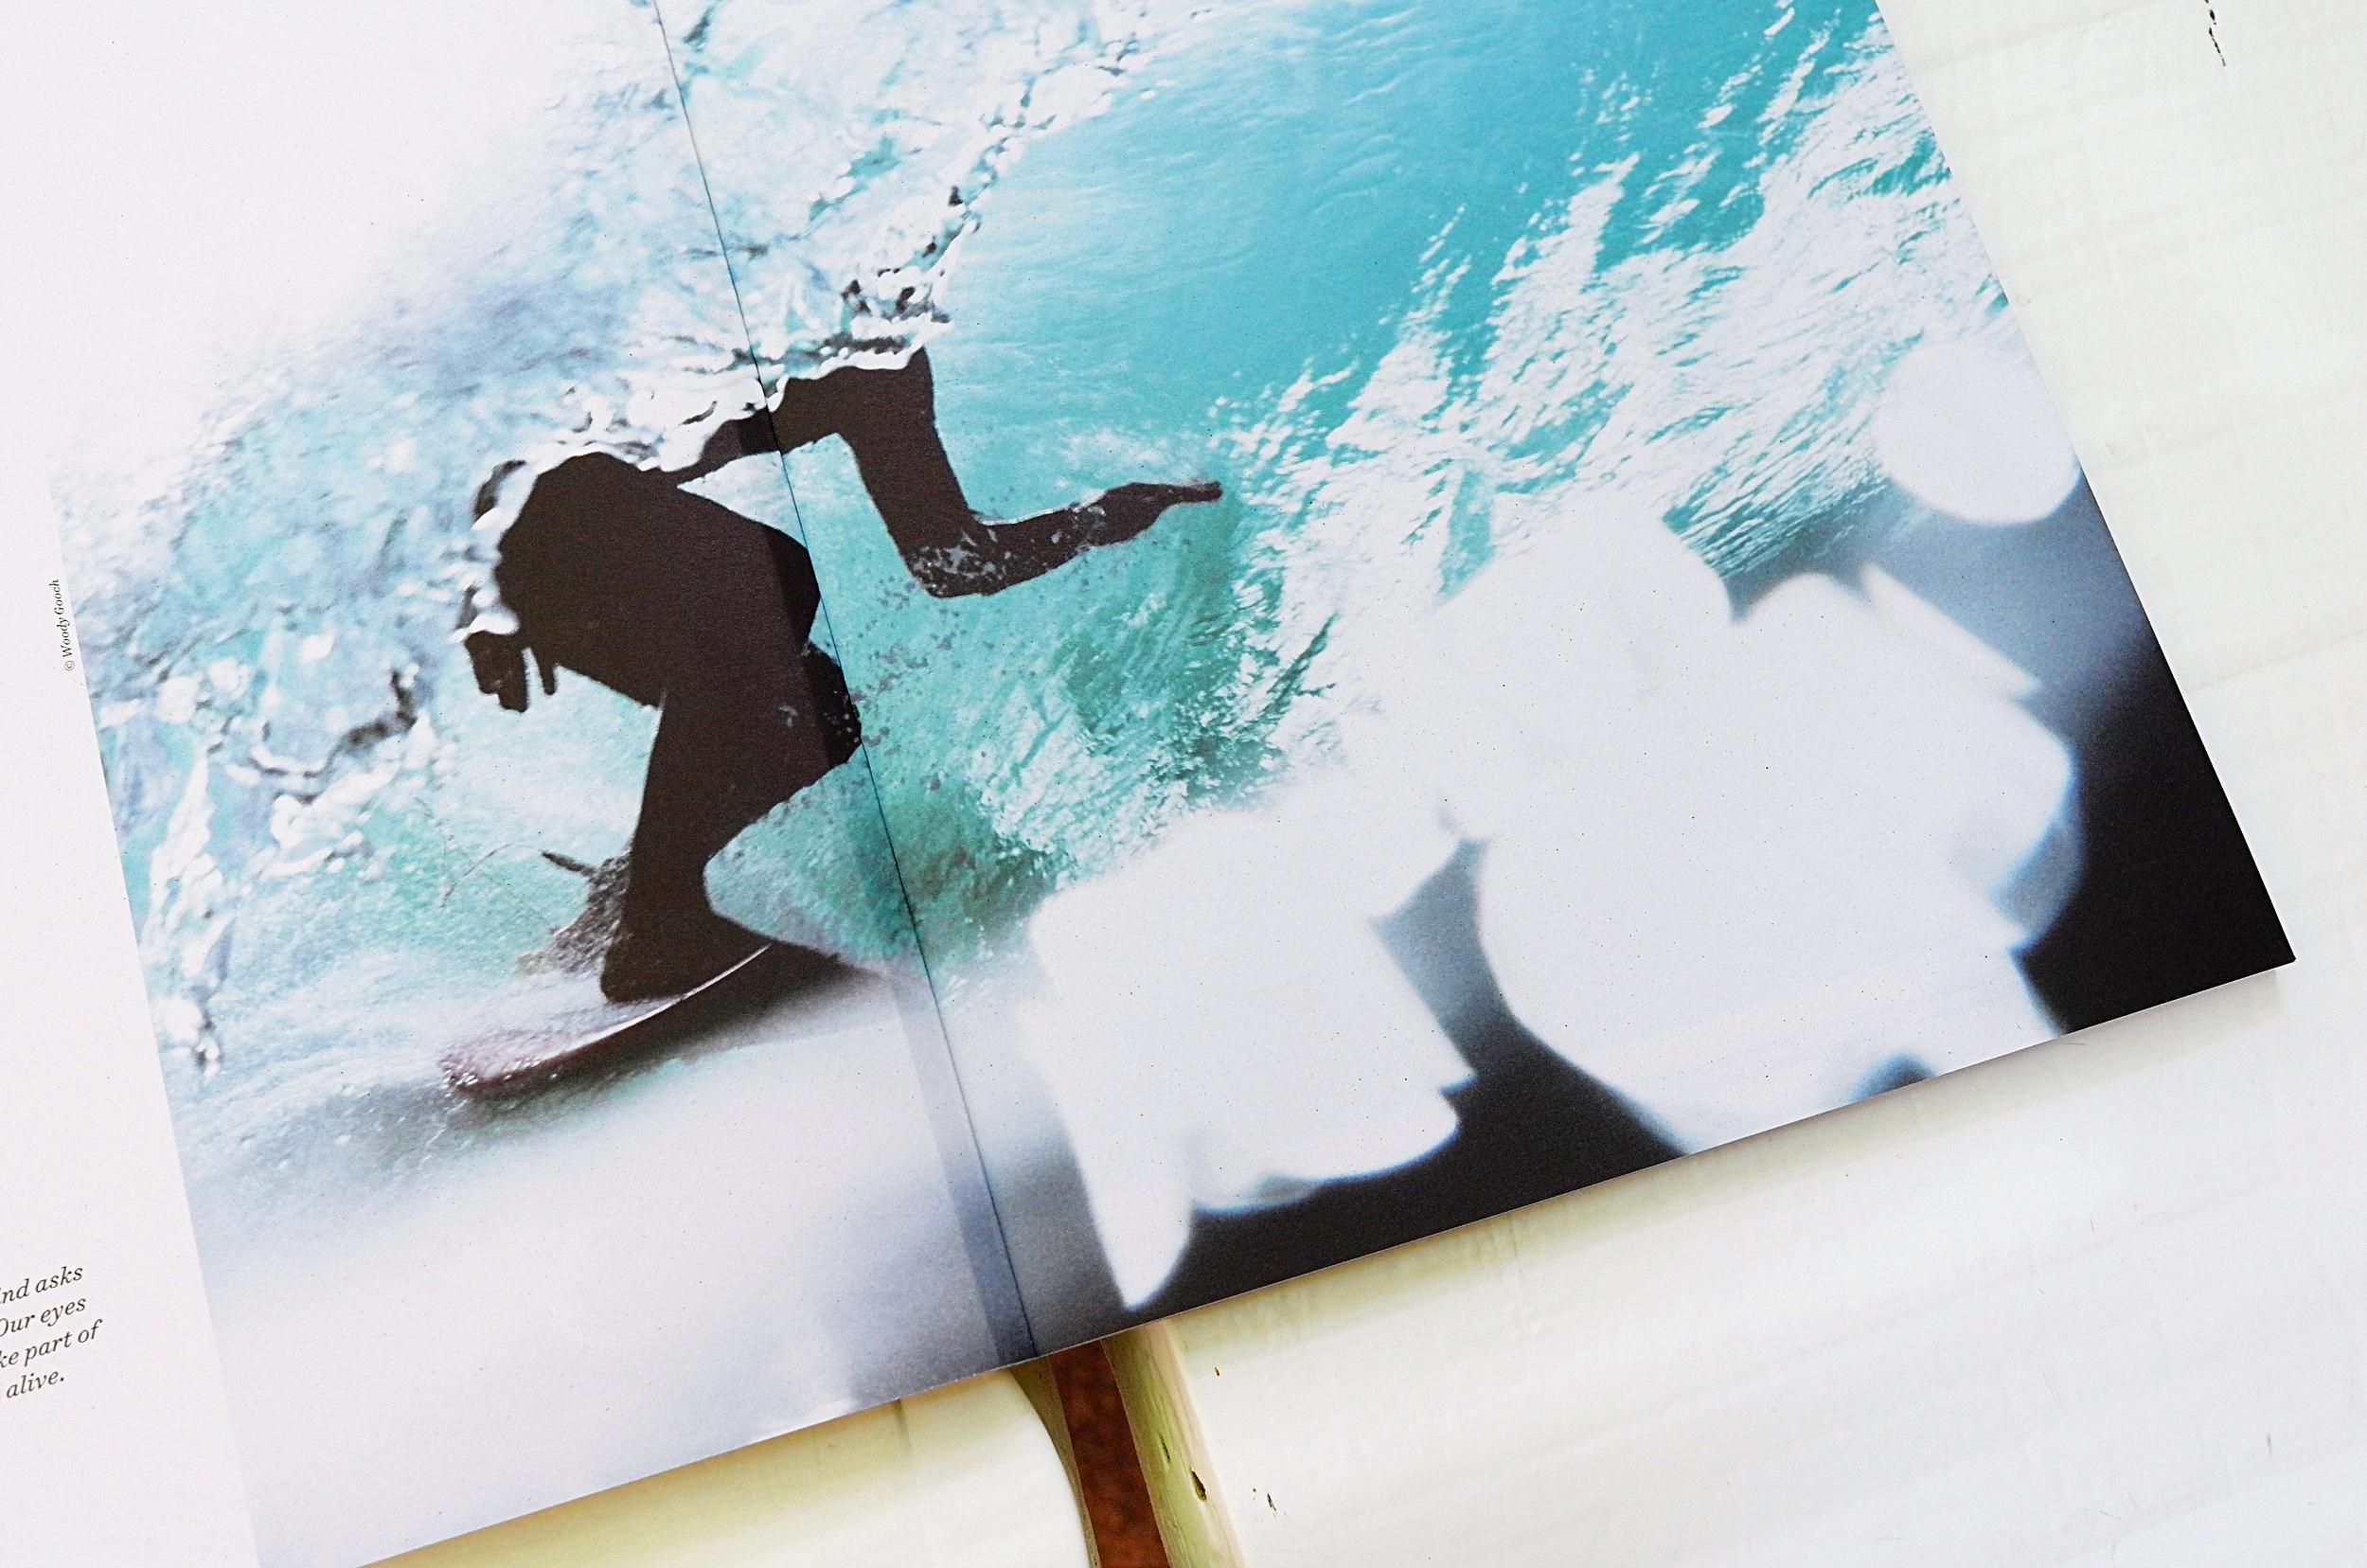 SIRENE n7 promo page 2-3 2.jpg